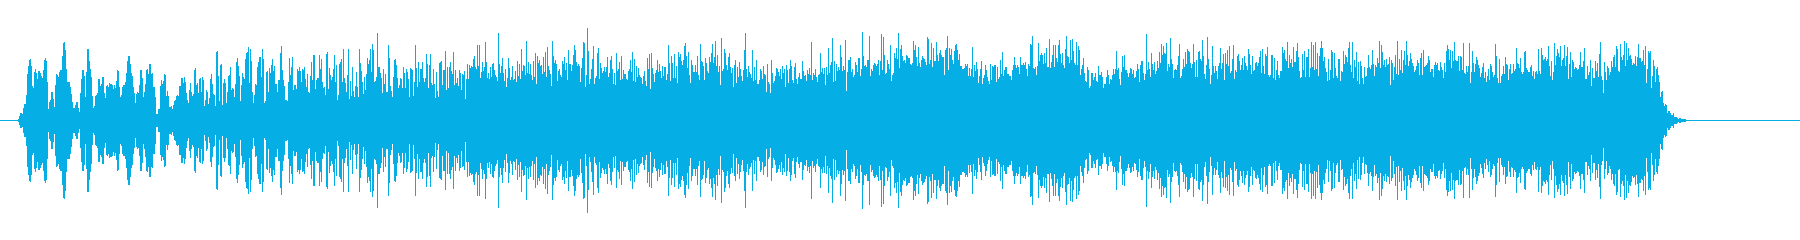 キュワキュワーン(アップ系)の再生済みの波形